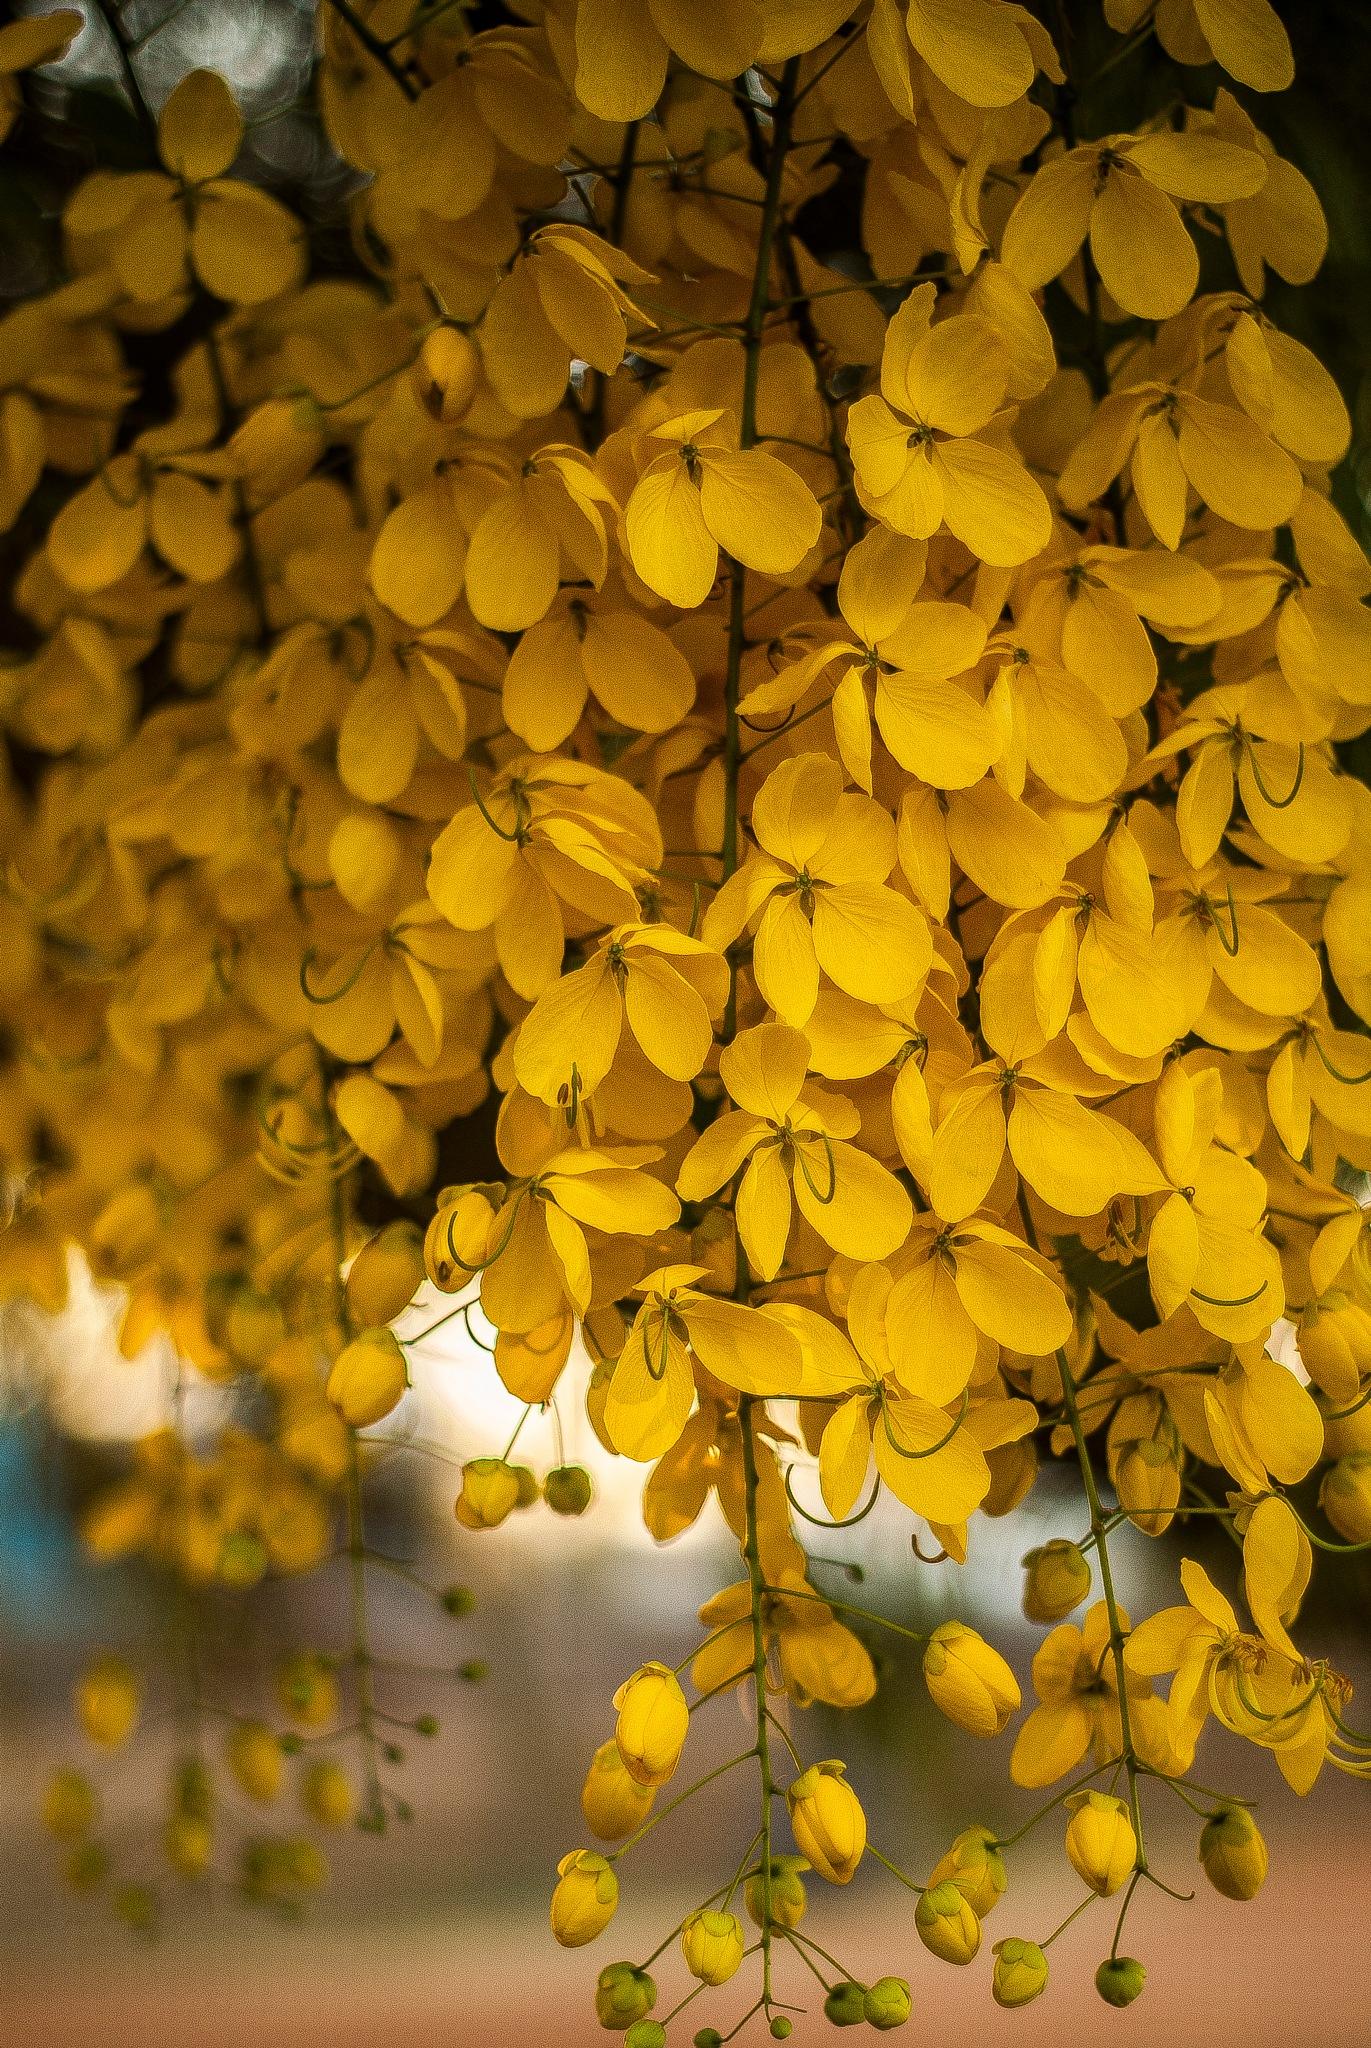 Las flores desconocidas  by JesusAboyte